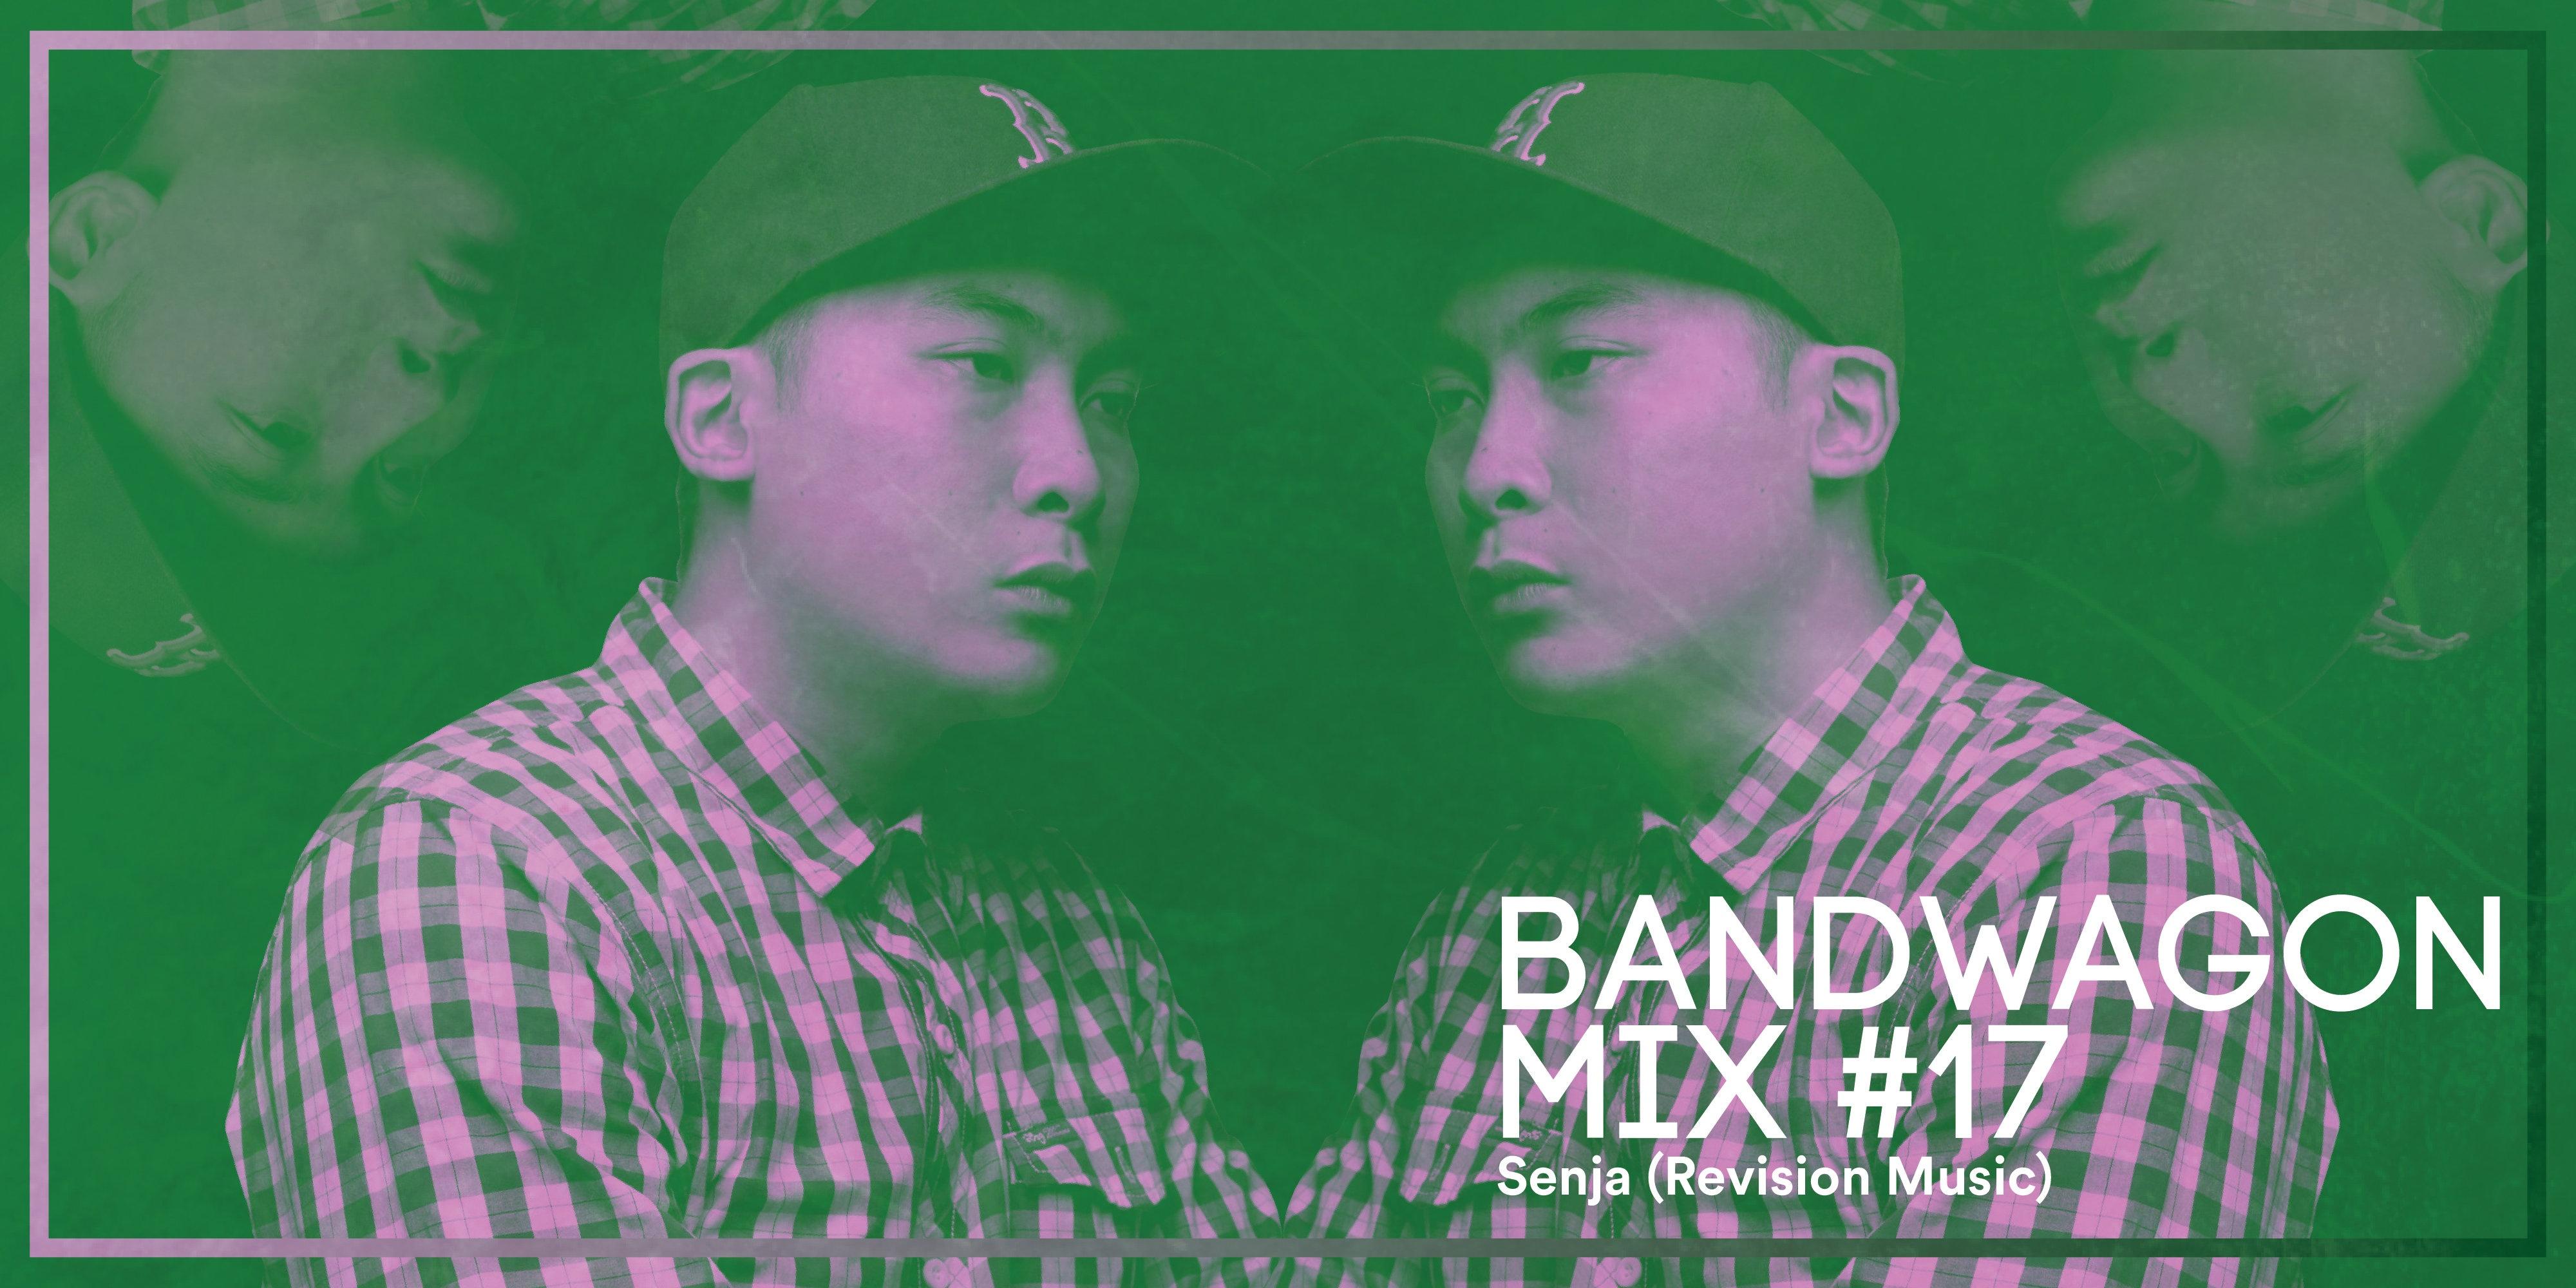 Bandwagon Mix #17: Senja (Revision Music)